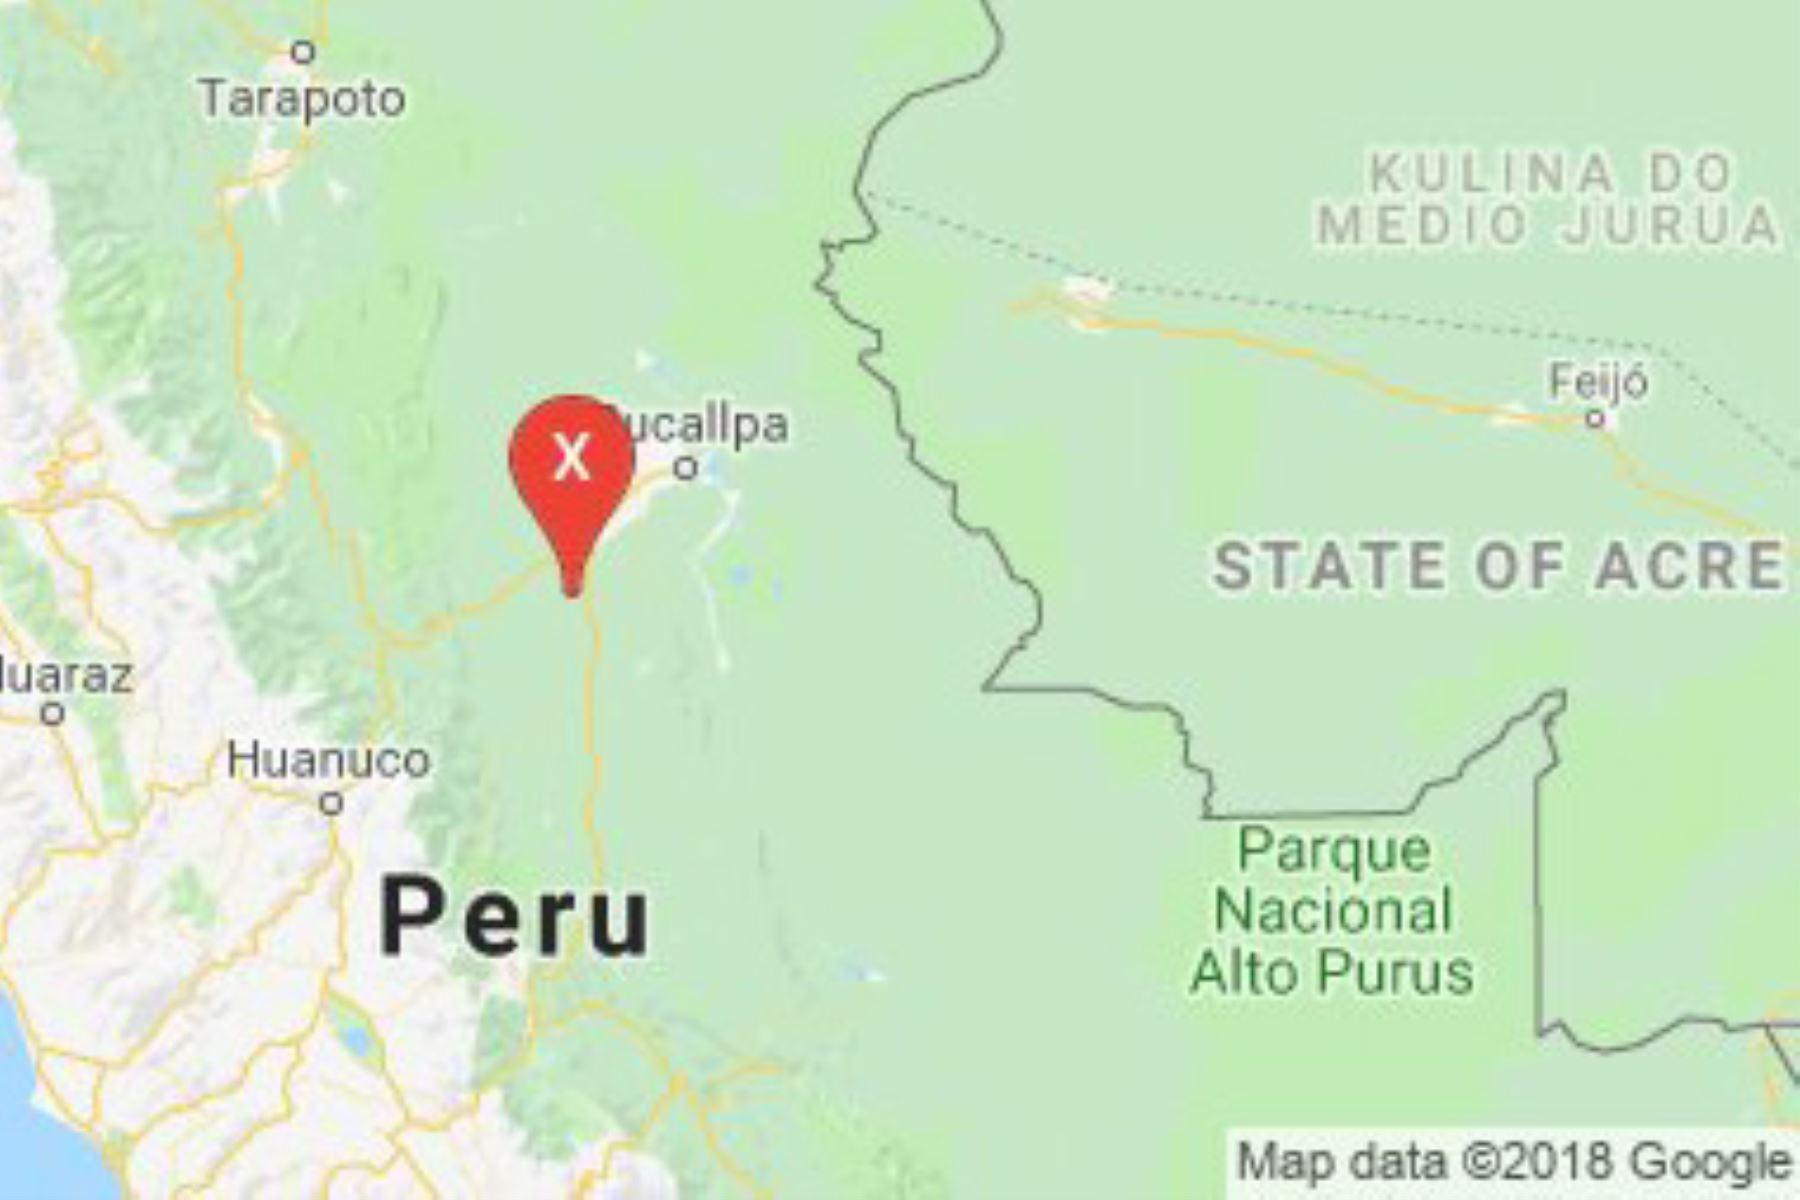 El Instituto Geofísico del Perú reportó un sismo de magnitud 4.2 se registró esta tarde en la localidad de Aguaytía, capital de la provincia de Padre Abad, en la región Ucayali.